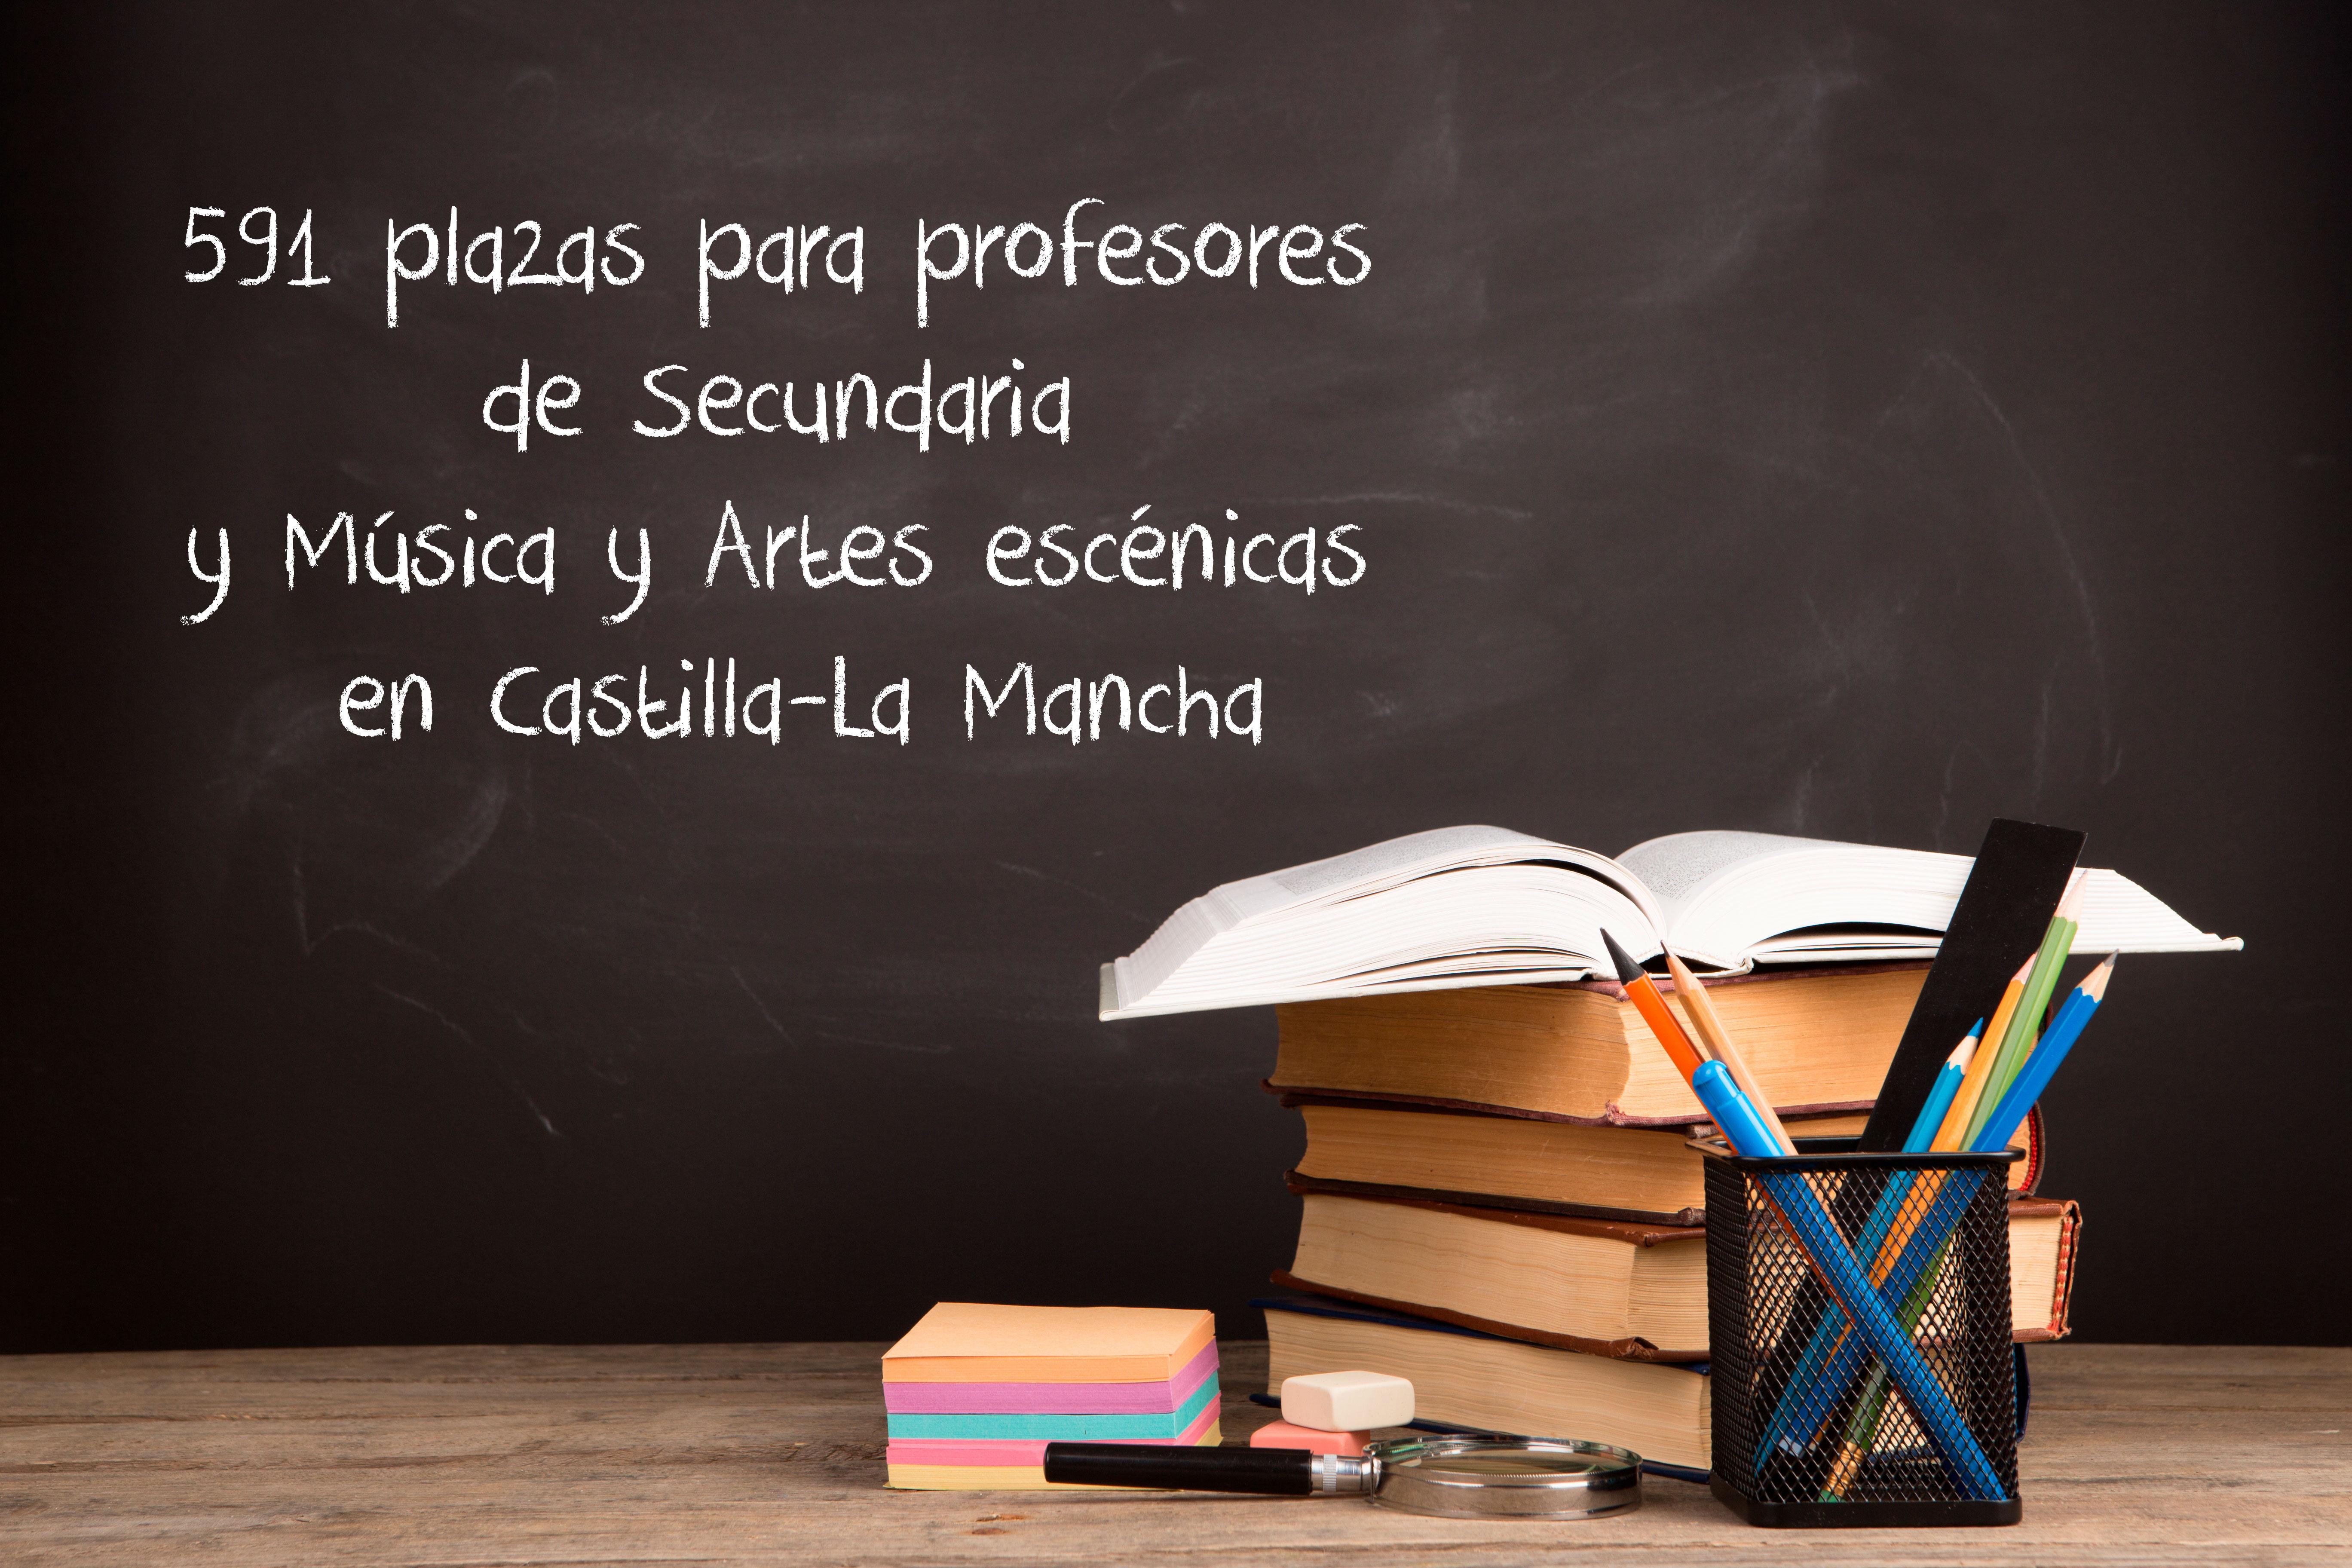 591 plazas para profesores de Secundaria y Música y Artes Escénicas en Castilla-La Mancha